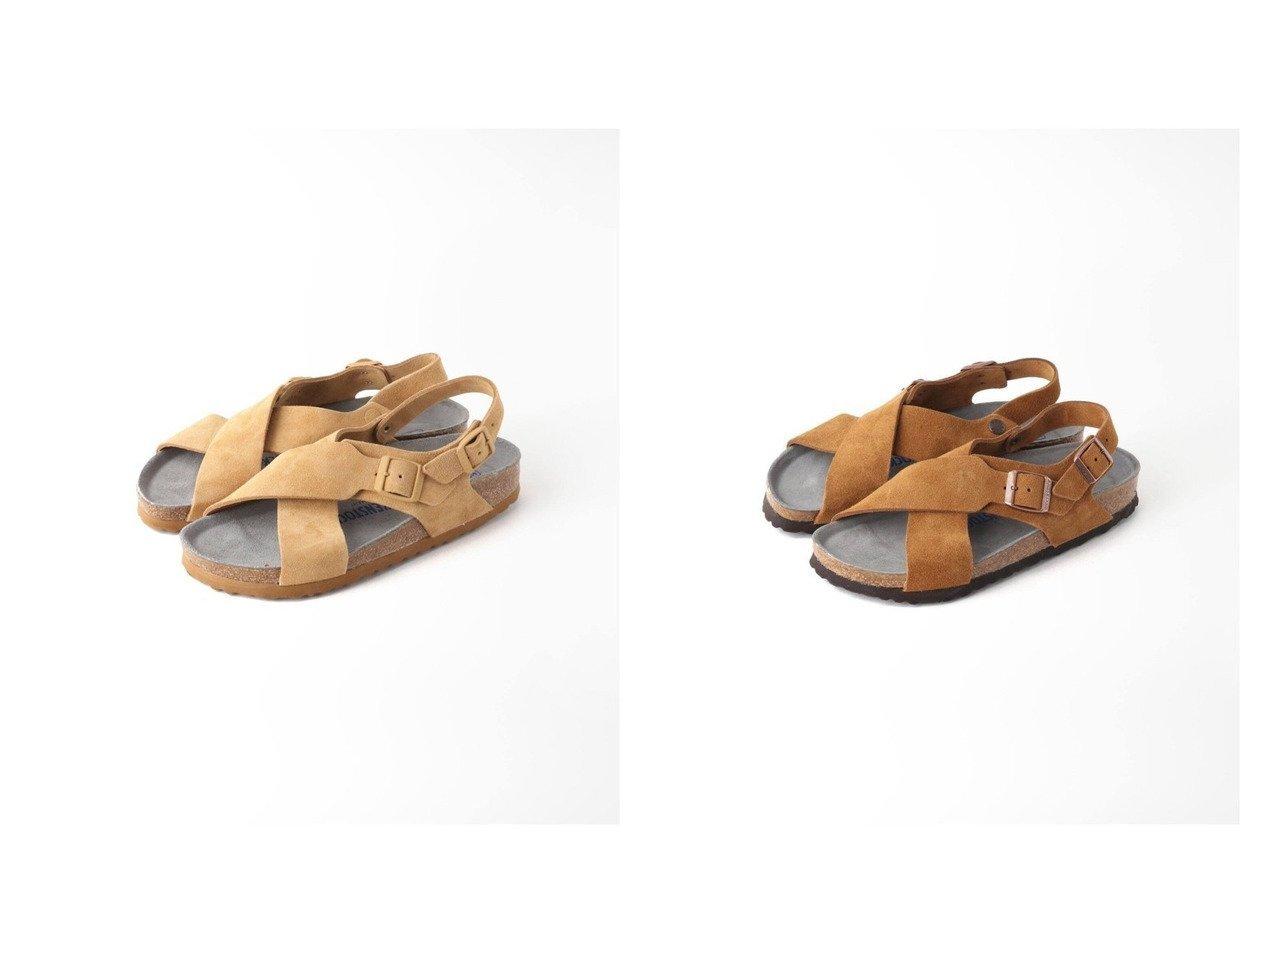 【Le Talon/ル タロン】のBIRKENSTOCK TULUM SFB 【シューズ・靴】おすすめ!人気トレンド・レディースファッション通販 おすすめで人気の流行・トレンド、ファッションの通販商品 インテリア・家具・メンズファッション・キッズファッション・レディースファッション・服の通販 founy(ファニー) https://founy.com/ ファッション Fashion レディースファッション WOMEN サンダル シューズ ミュール 2021年 2021 S/S・春夏 SS・Spring/Summer 2021春夏・S/S SS/Spring/Summer/2021 |ID:crp329100000046501